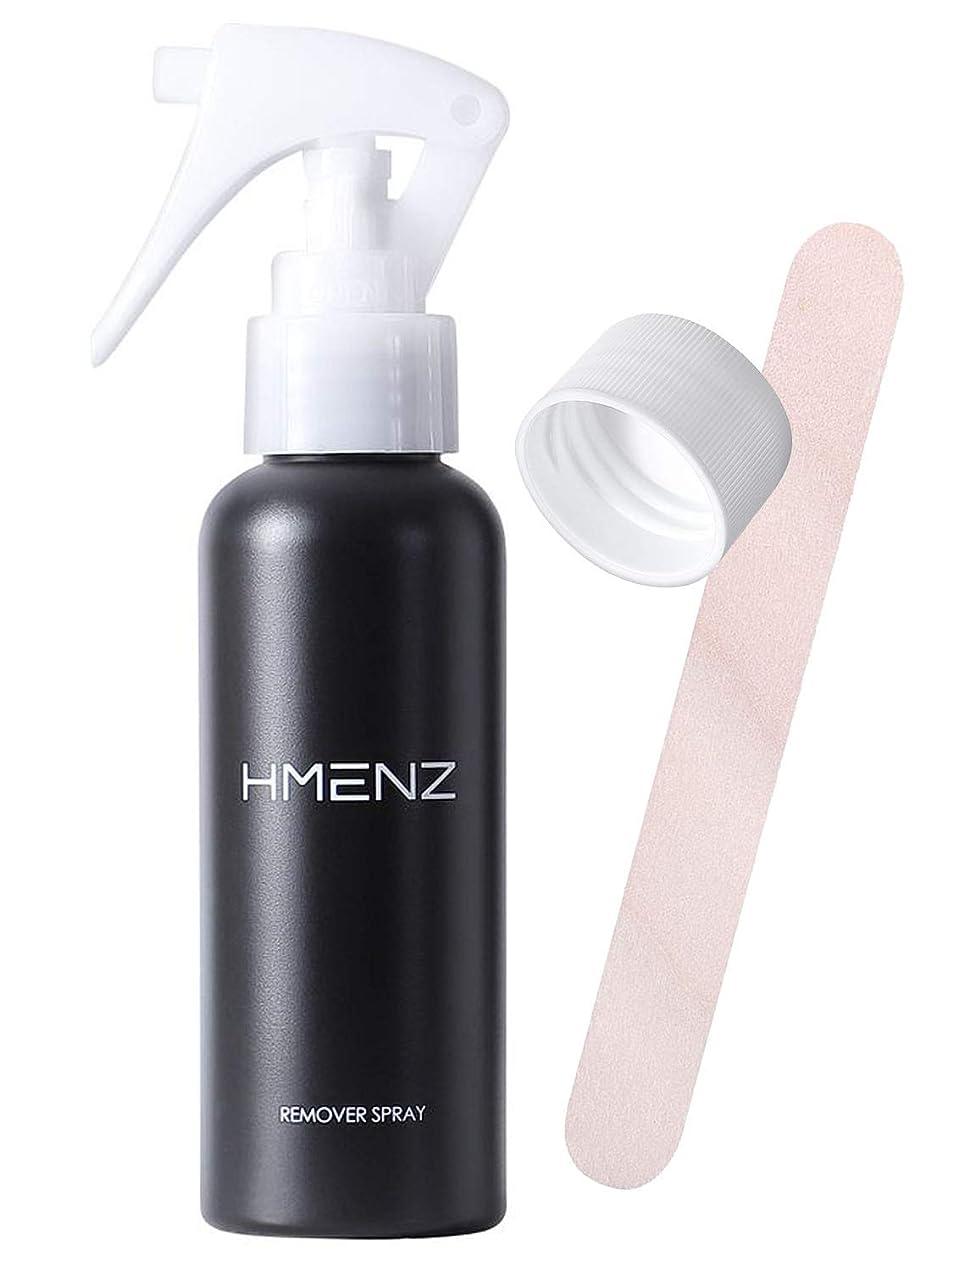 防ぐ体一節医薬部外品 除毛クリーム 男性 用 HMENZ メンズ 除毛スプレー ヘラ 付き 100g 「 たっぷり 保湿 デリケート 敏感肌 でも使える じょもうクリーム 」「 ワキ 腕 脚 用 除毛剤 臭い大幅カット 」